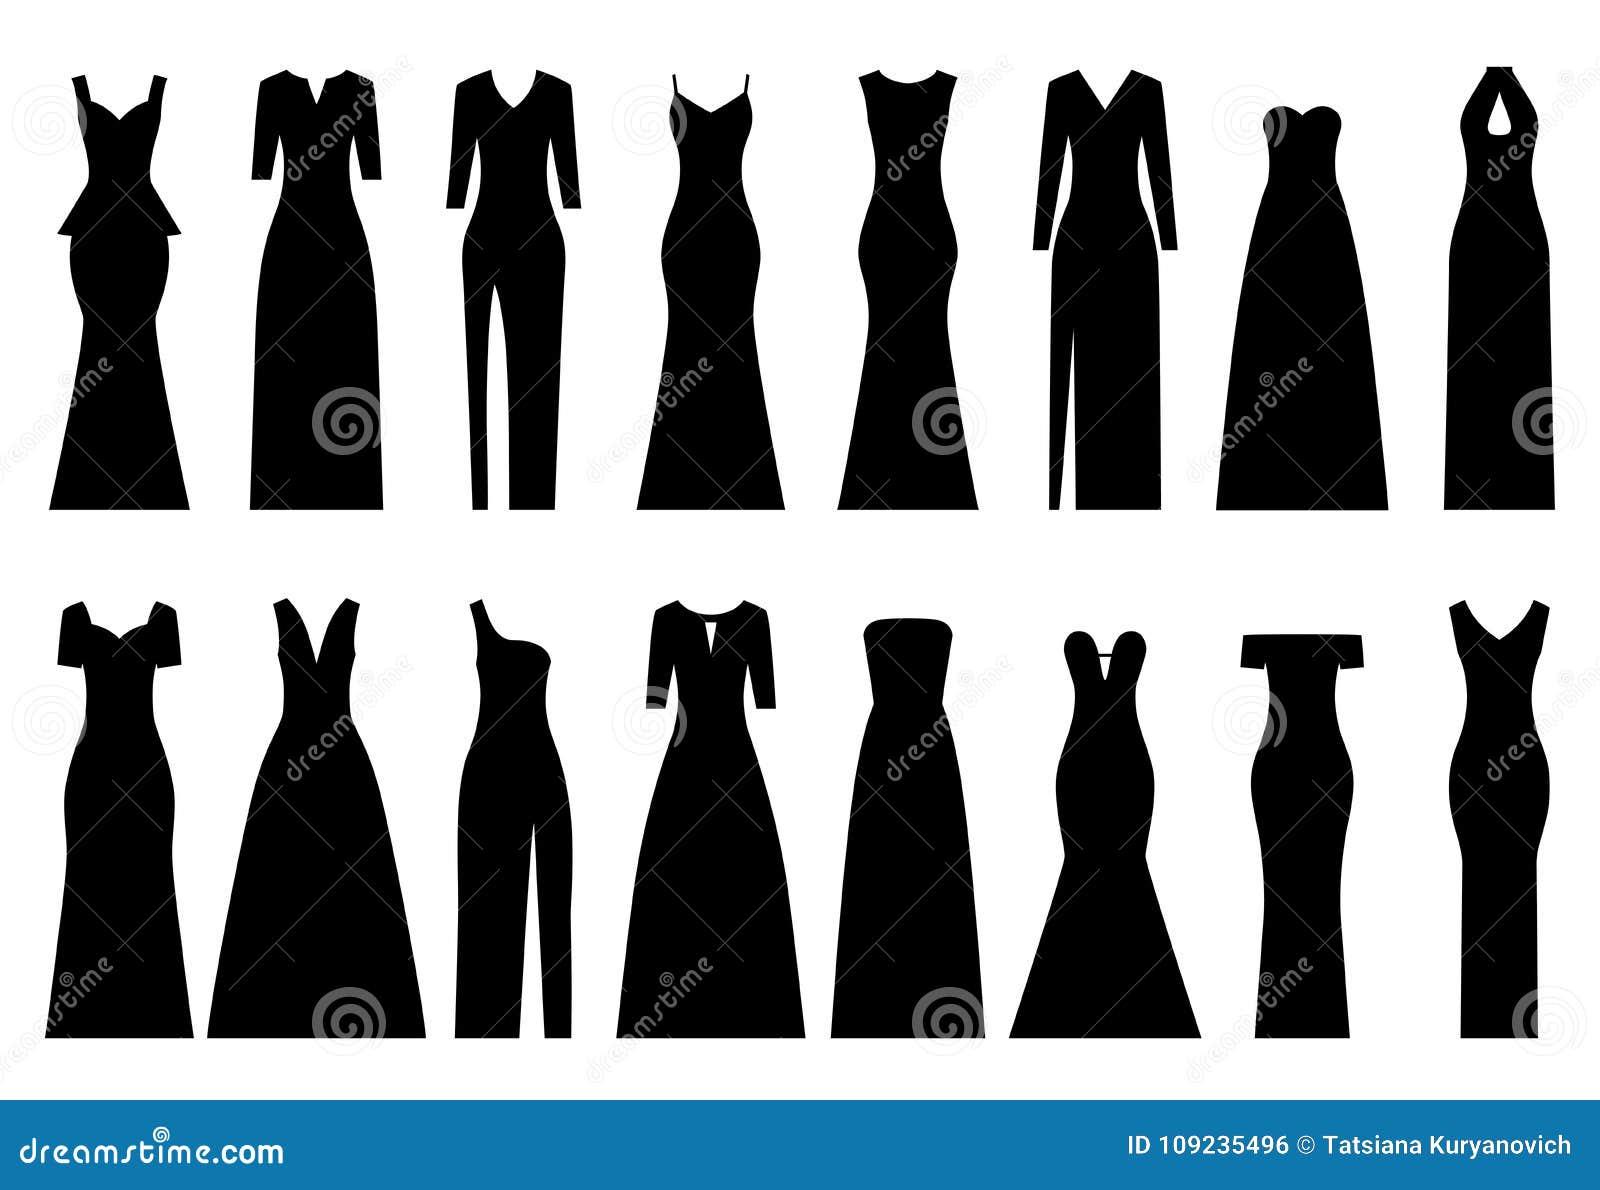 Großartig Fotos Von Abendkleidern Bilder - Hochzeit Kleid Stile ...